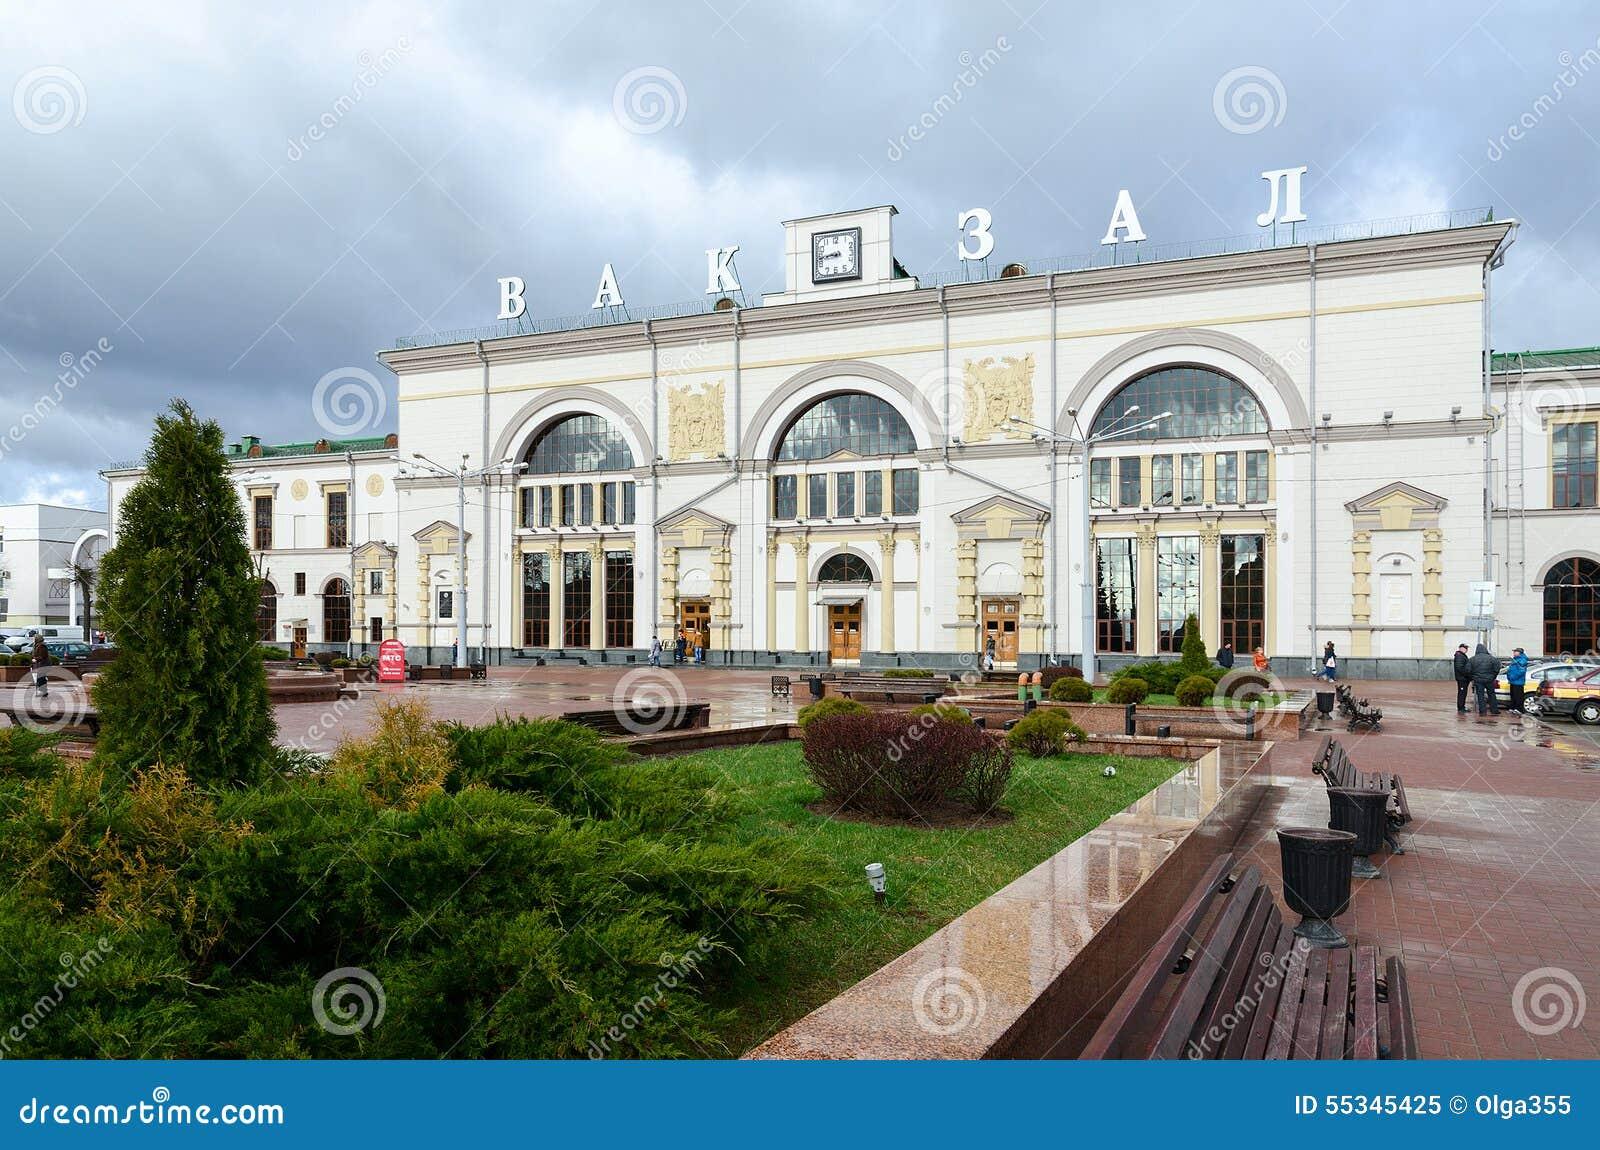 people vitebsk belarus various photos